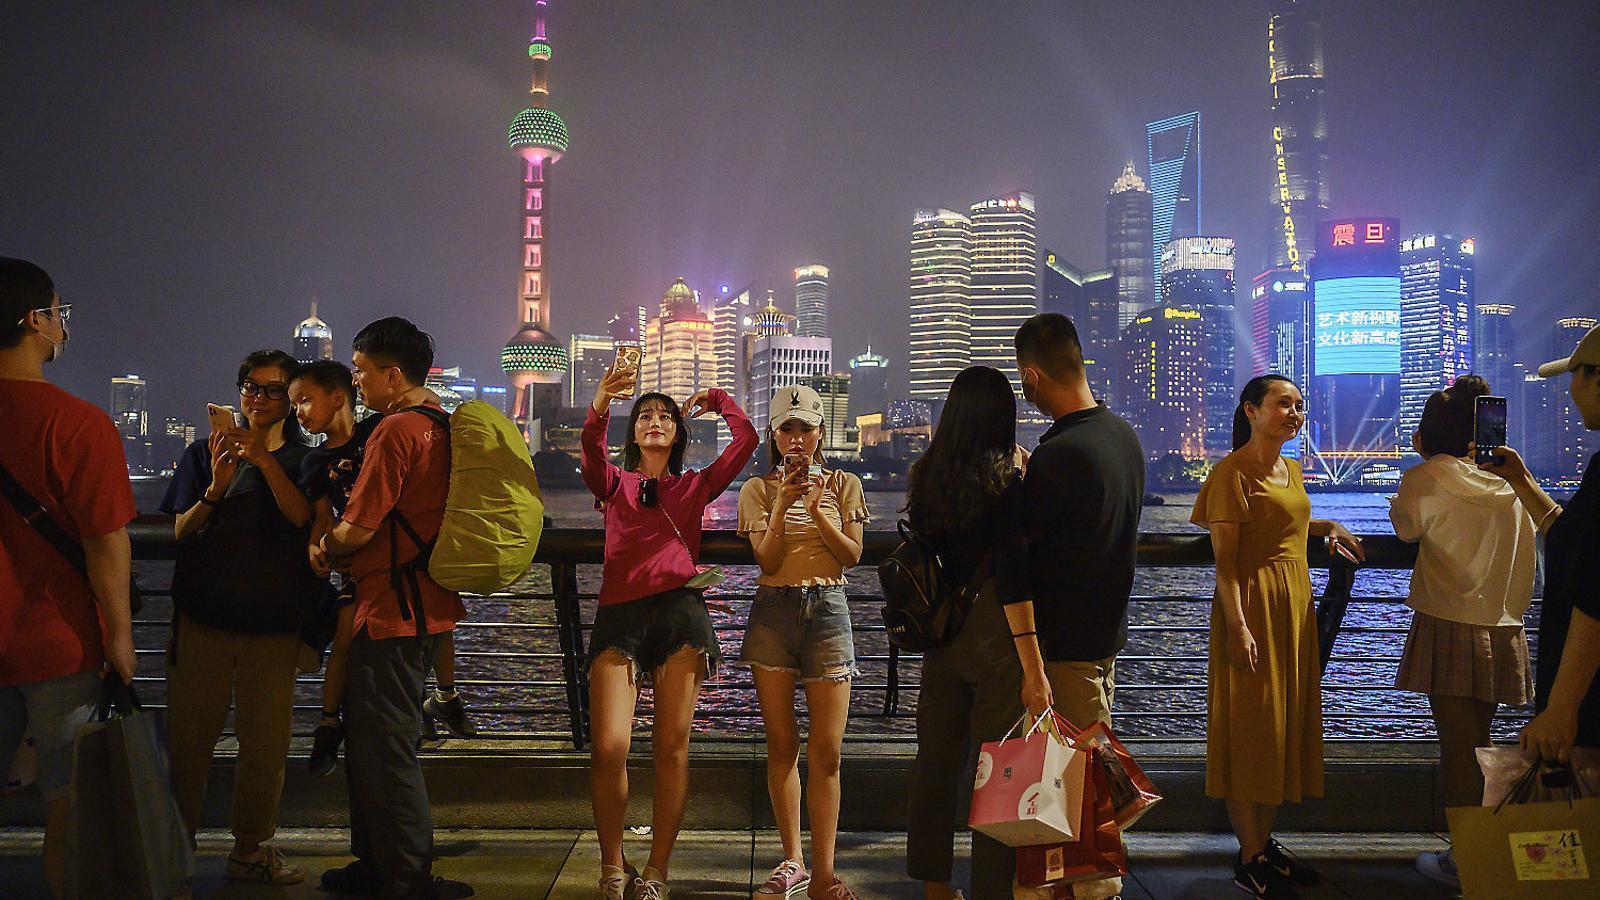 Ambient aquest dissabte al vespre al passeig fluvial de Xangai. La Xina és un dels pocs països que probablement creixerà aquest 2020 i continuarà acostant-se als EUA.